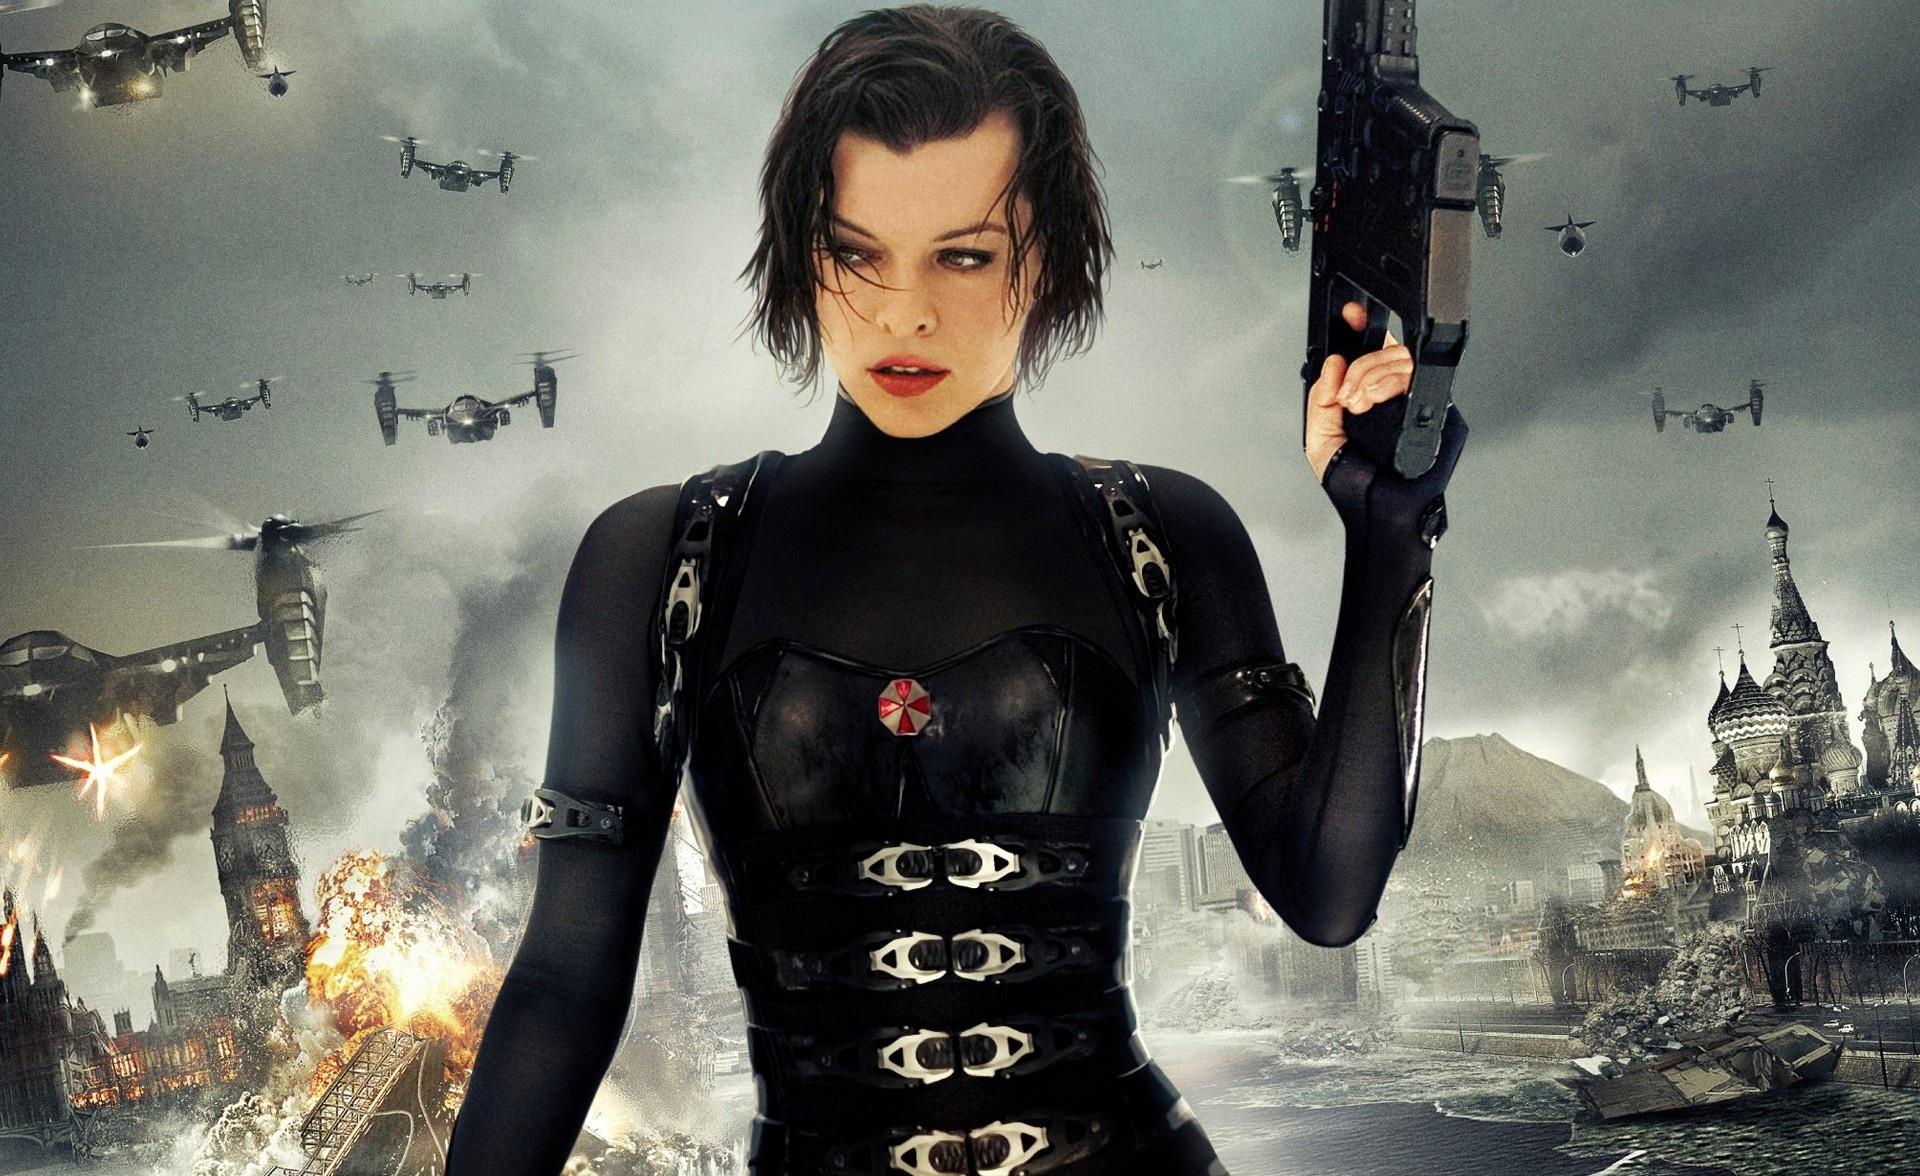 کارگردان فیلم ۴۷ متر پایین ، آقای یوهانس رابرتس ، کارگردان بازسازی فیلم Resident Evil شد